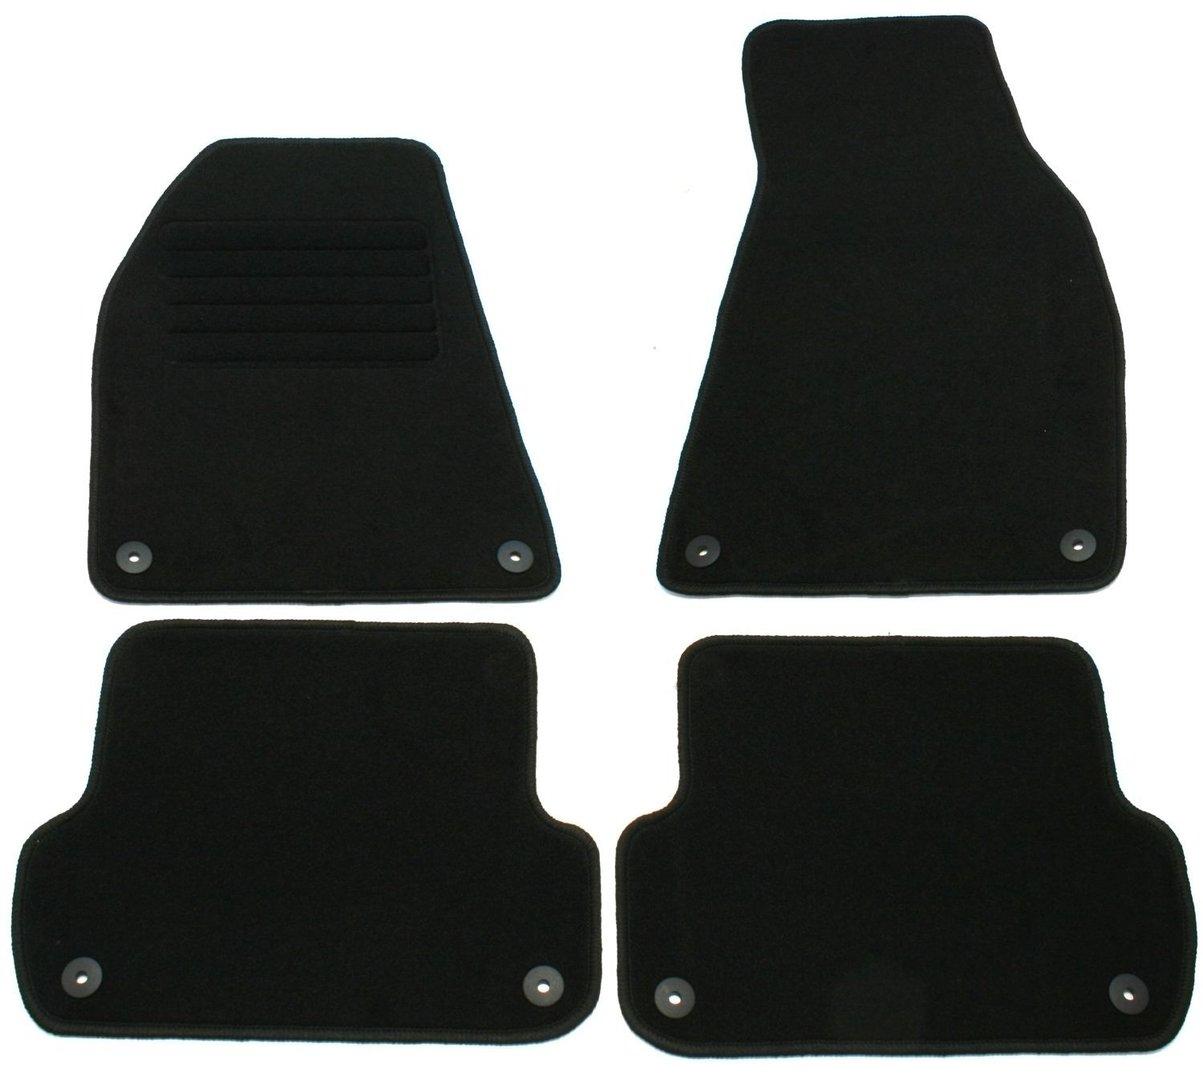 a4 b6 b7 tapis hg3684 adtuning france. Black Bedroom Furniture Sets. Home Design Ideas